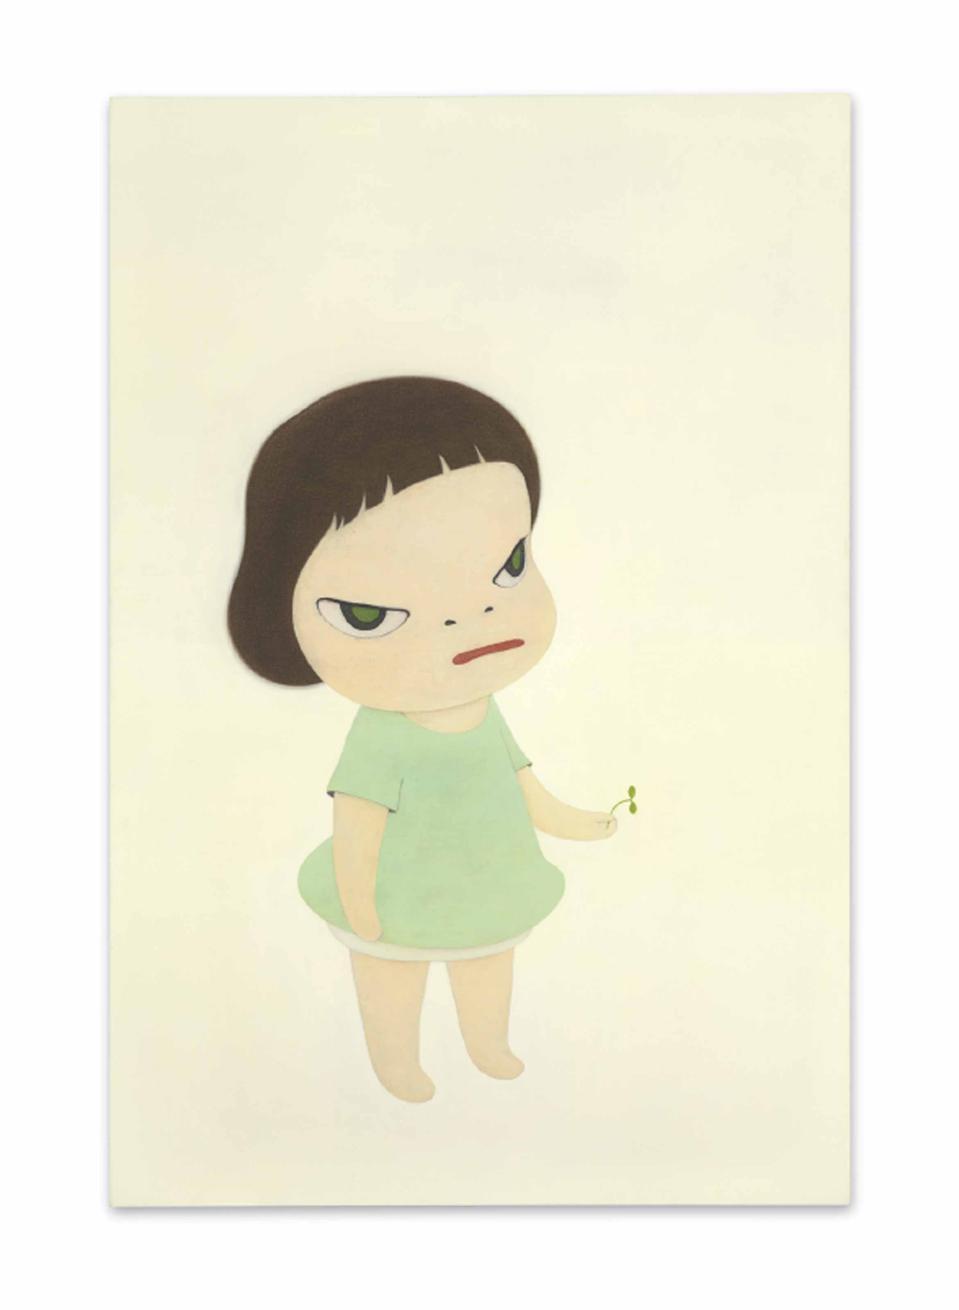 Yoshitomo Nara's ″The Little Ambassador″